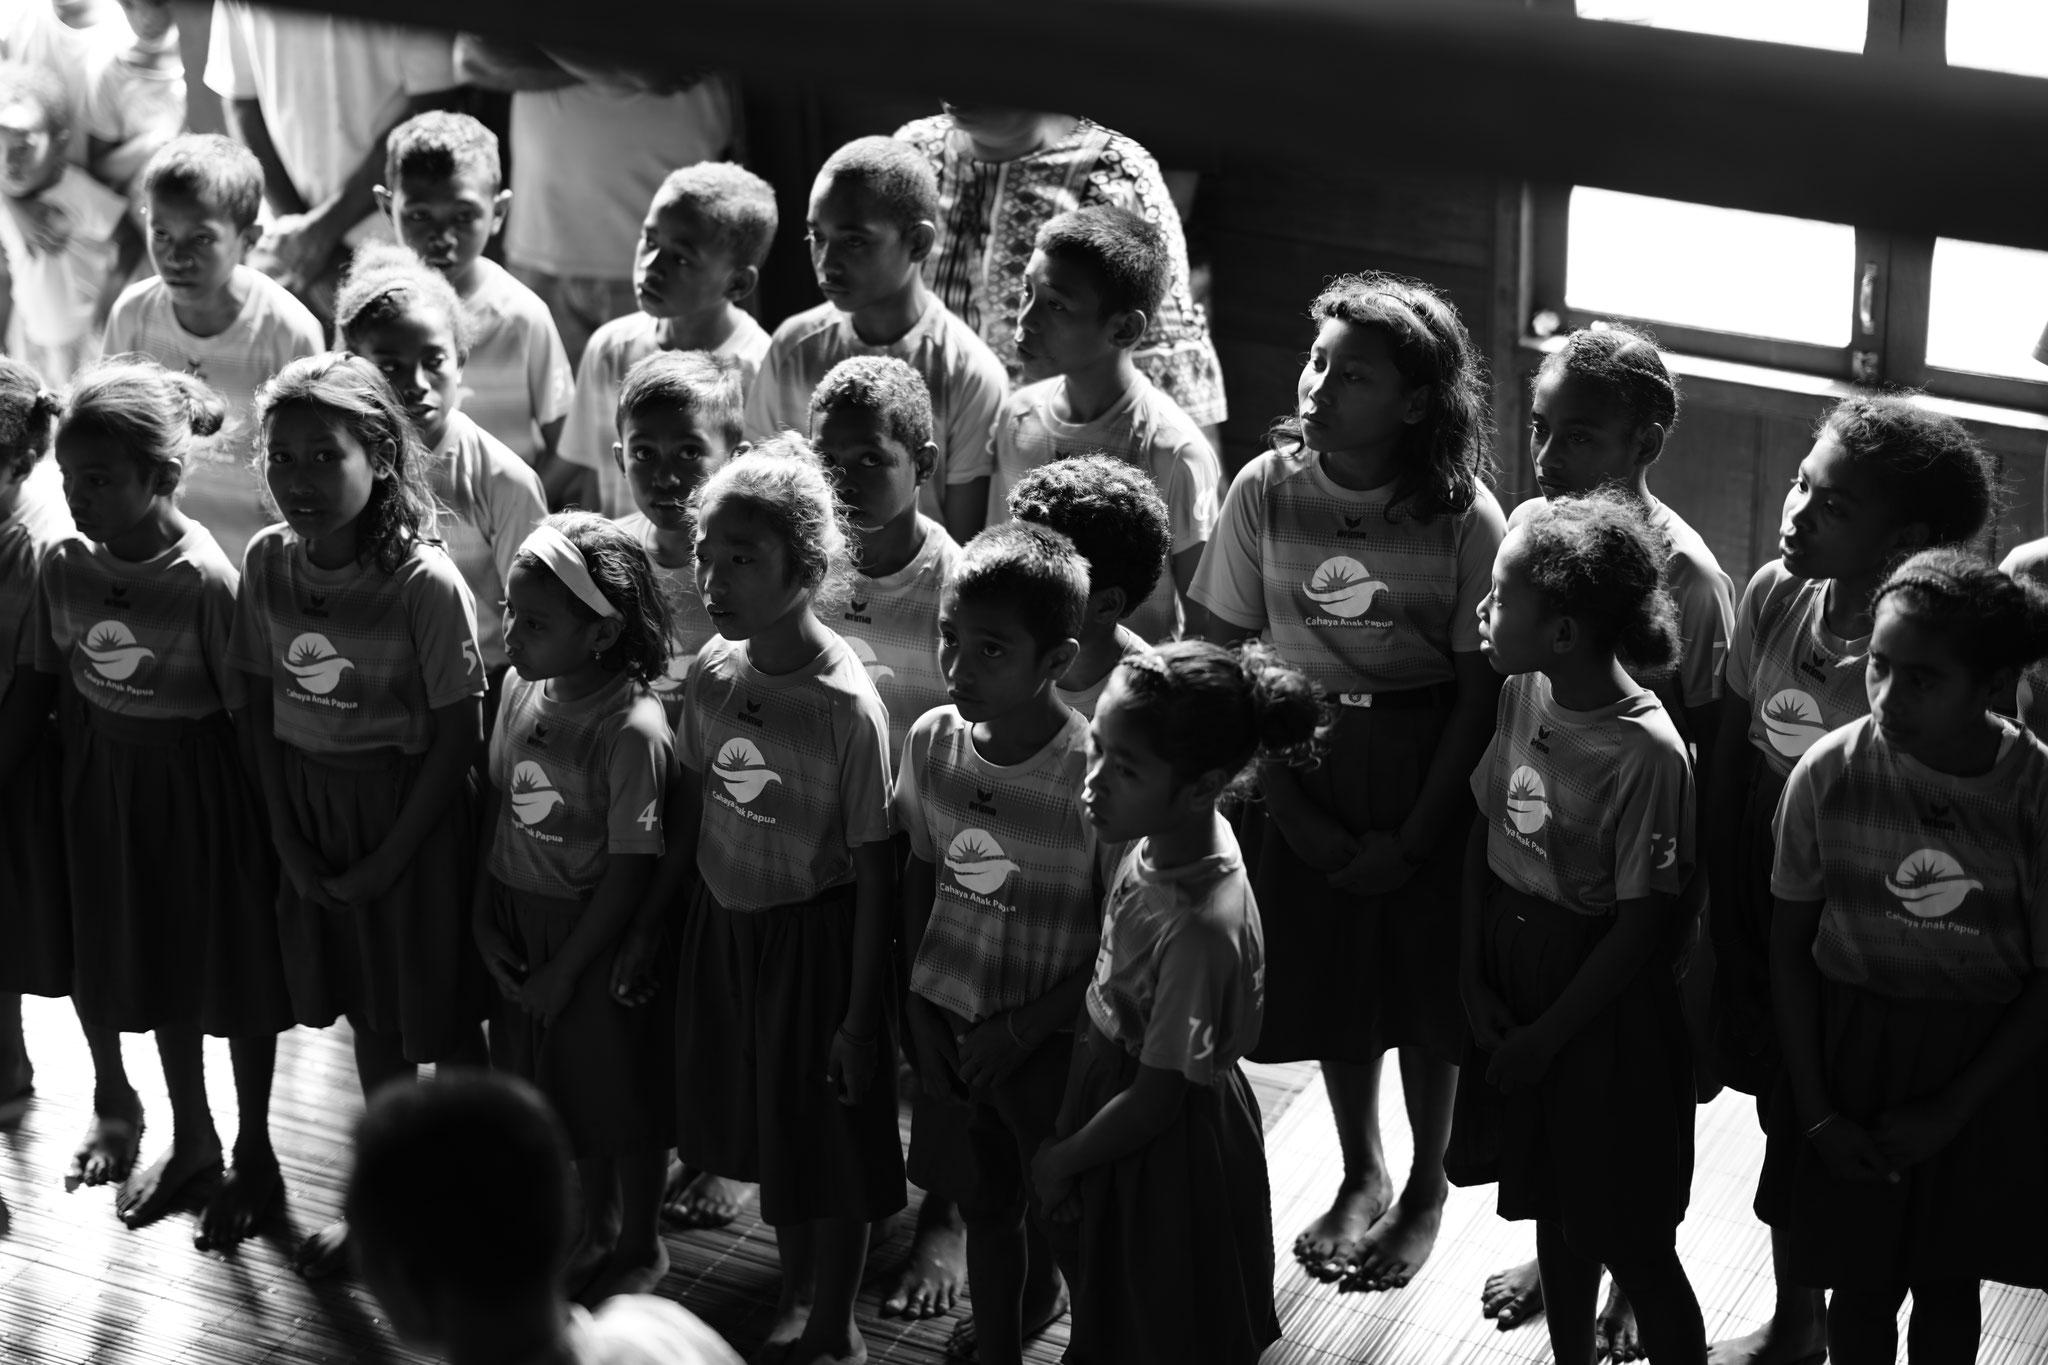 Unsere Schūler singen an der Zeremonie